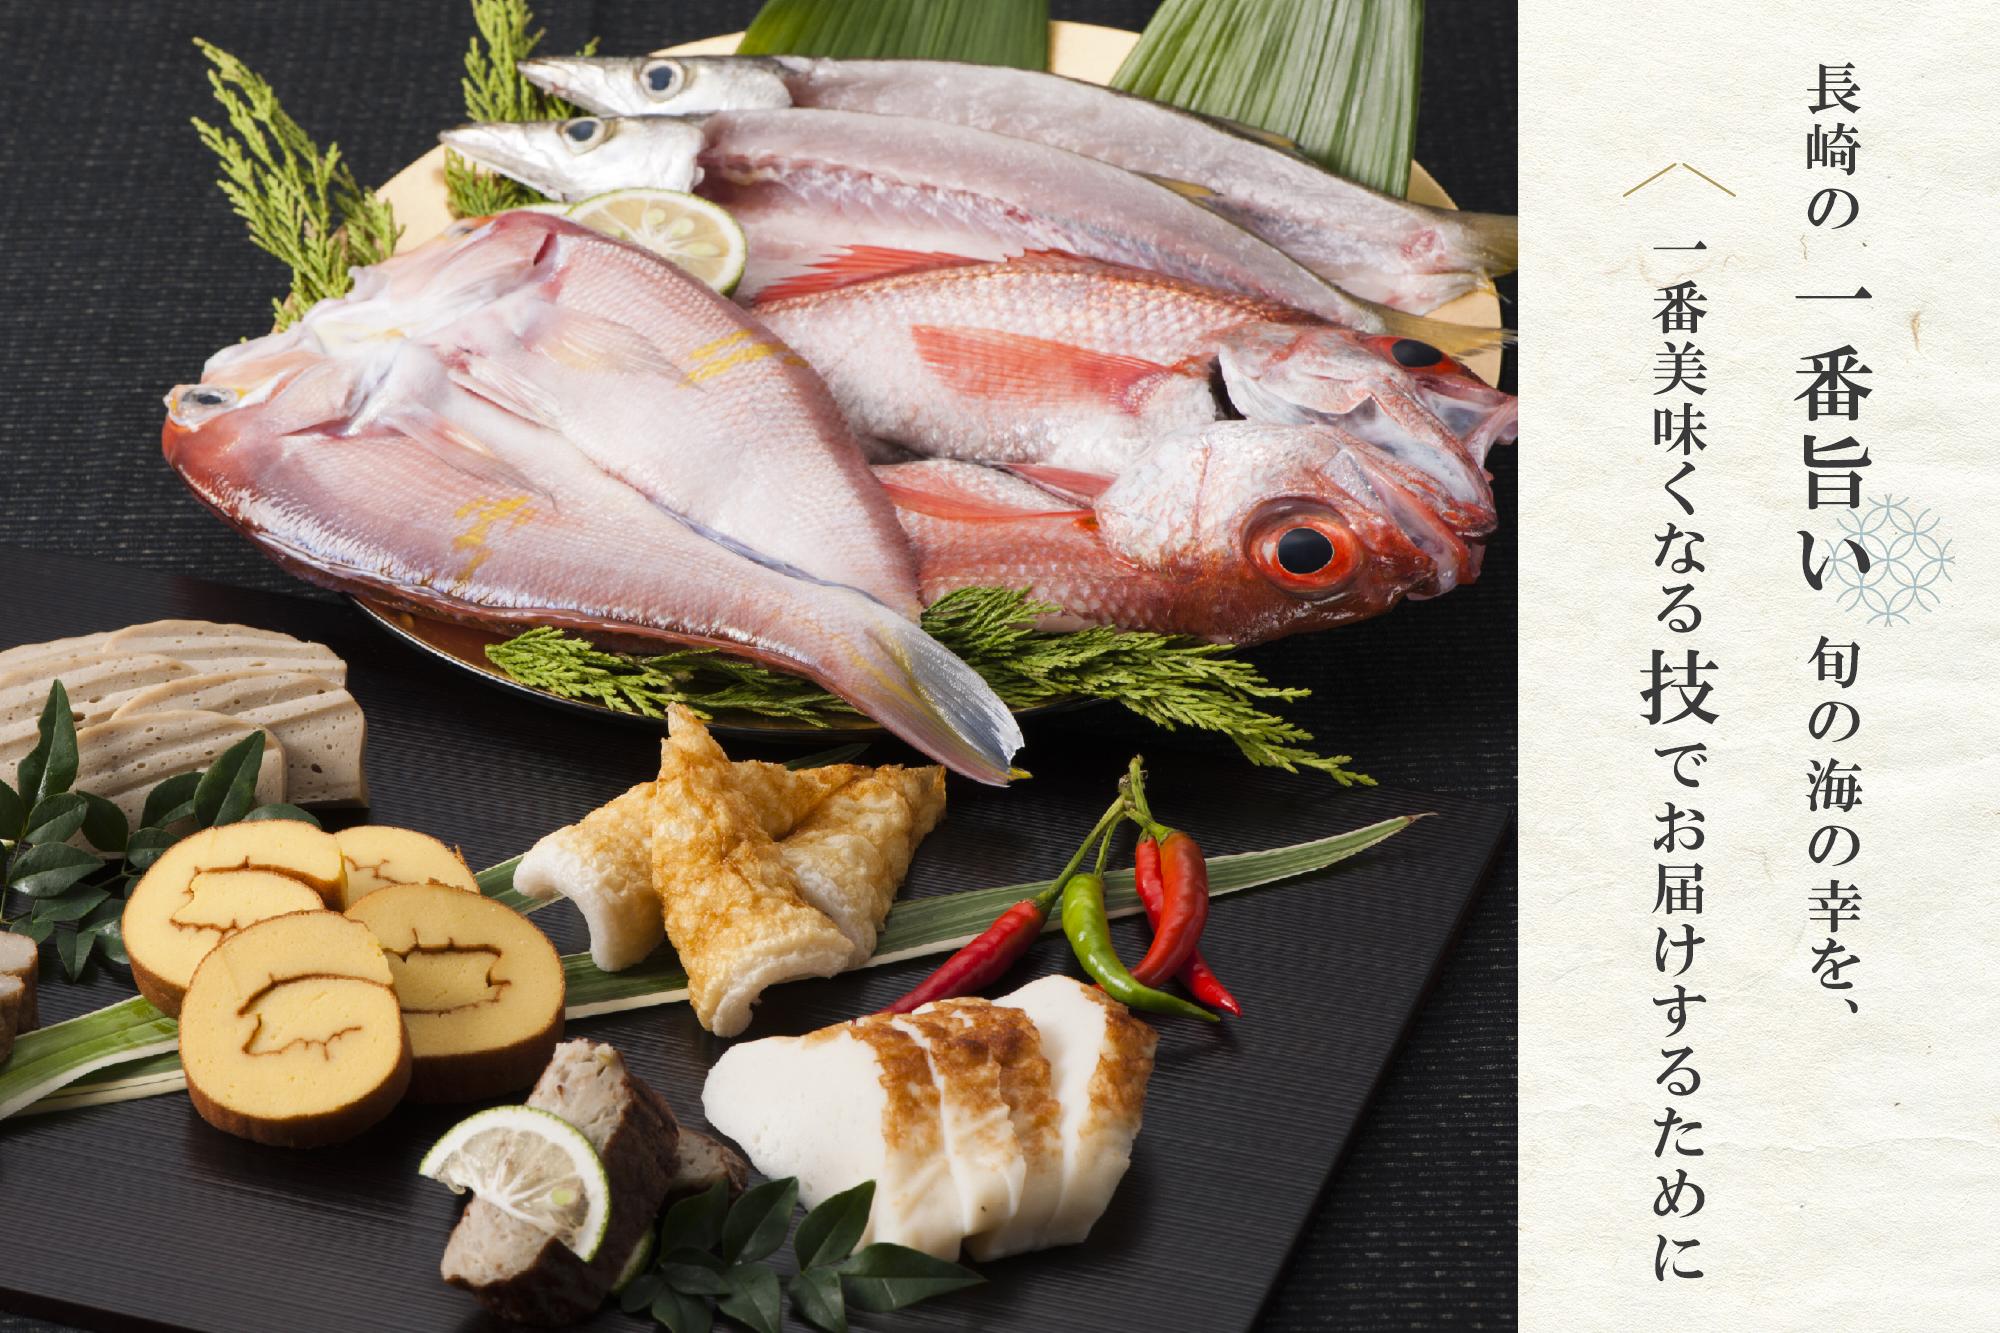 長崎の一番旨い旬の海の幸を、一番美味くなる技でお届けするために